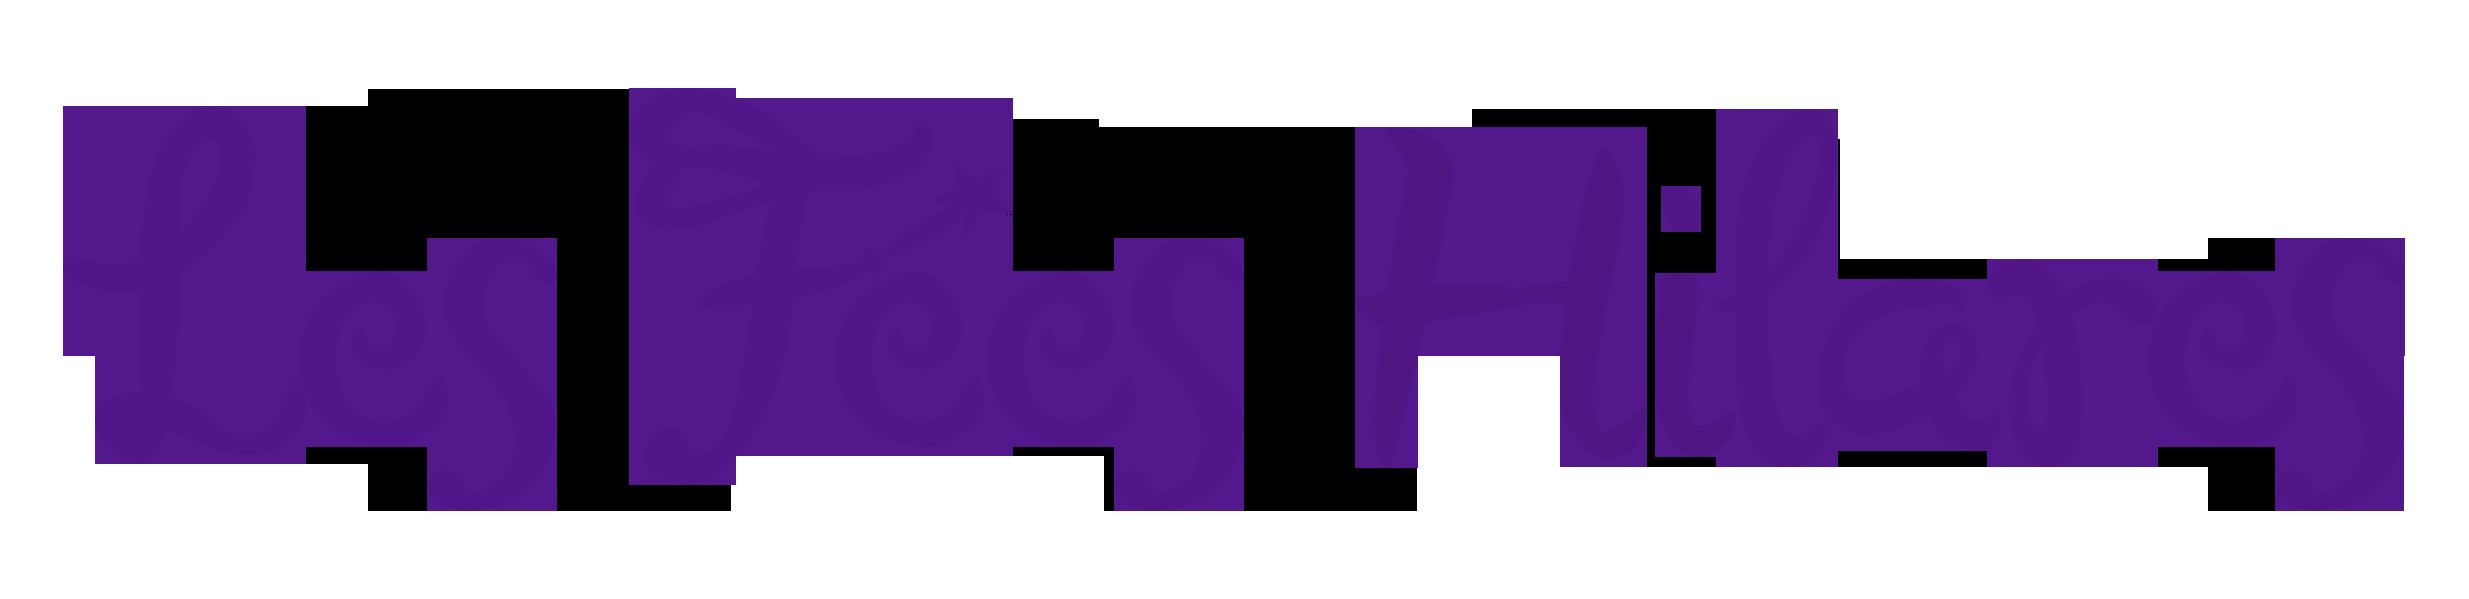 logo fees hilares violet